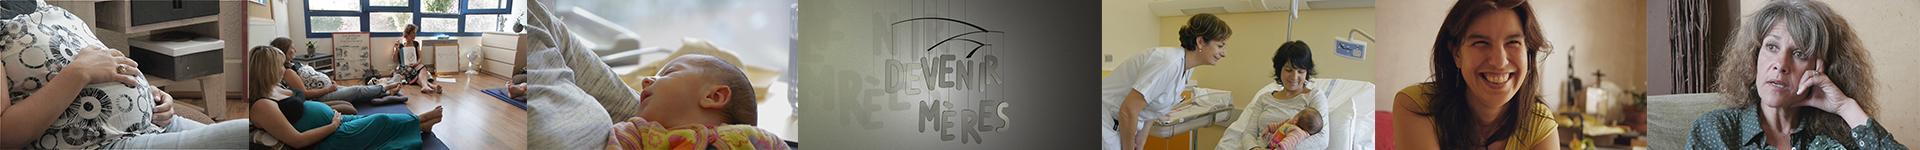 image bandeau_devenir_mres.jpg (0.3MB)